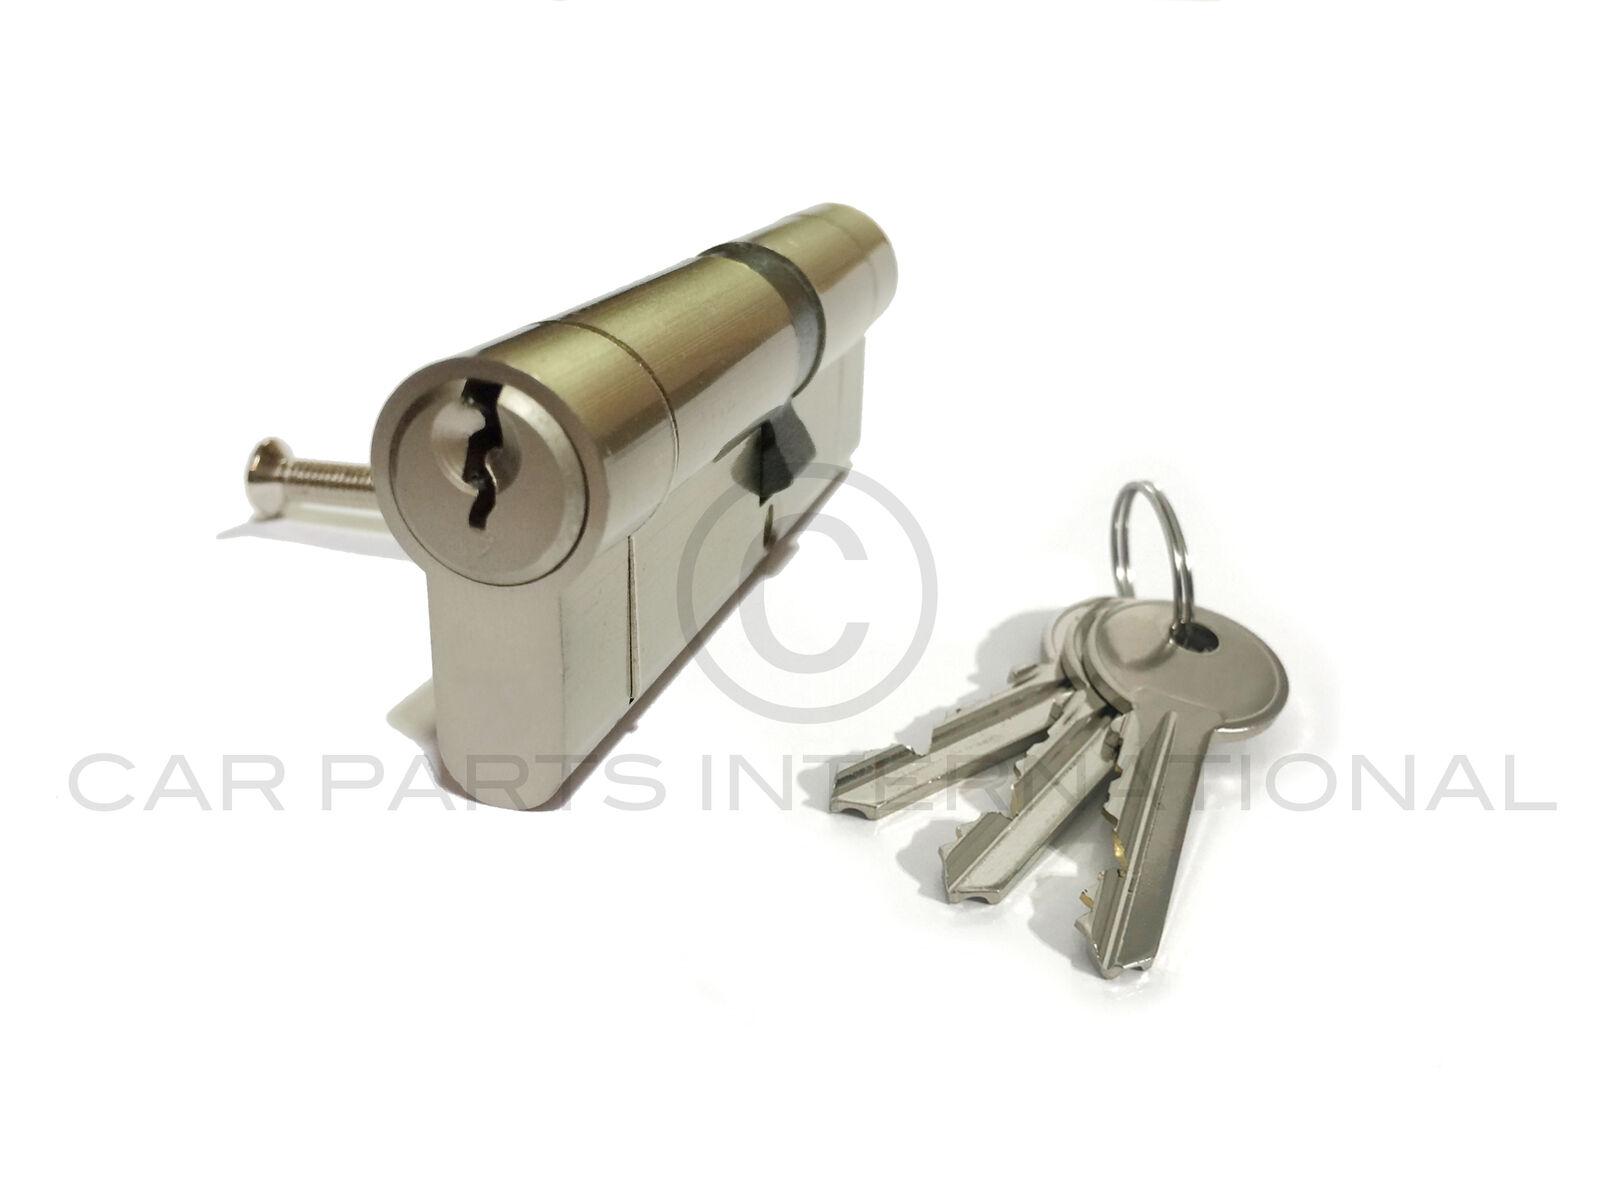 Alta Seguridad Euro Cerradura de puerta acabado níquel 50 50 1-10 cerraduras con llave por igual que empareja